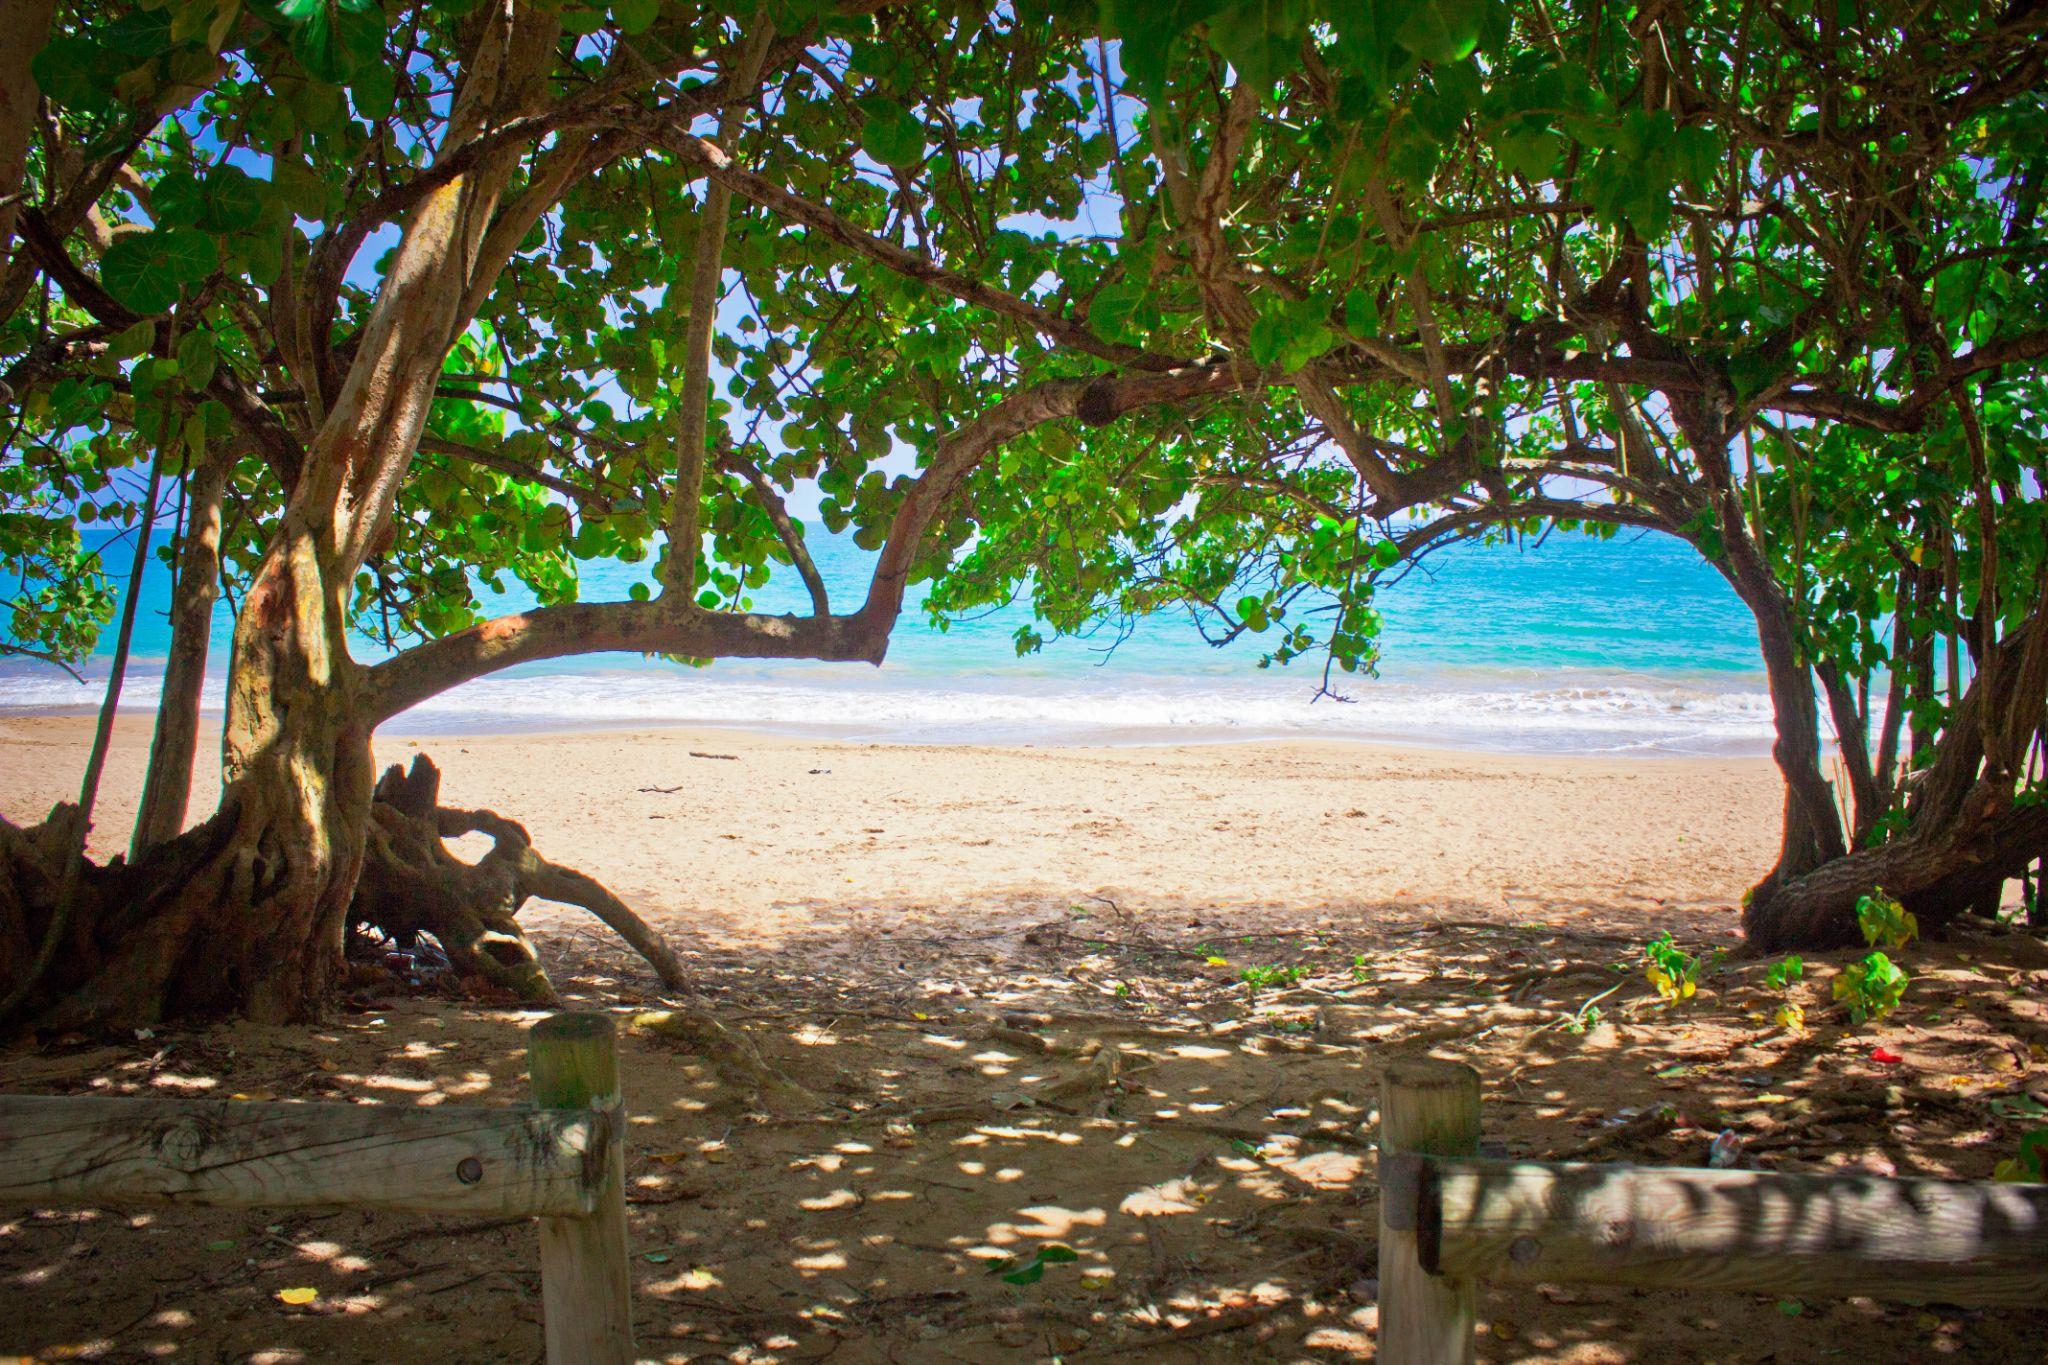 Entrance to the Beach by Jason Saint-Elie